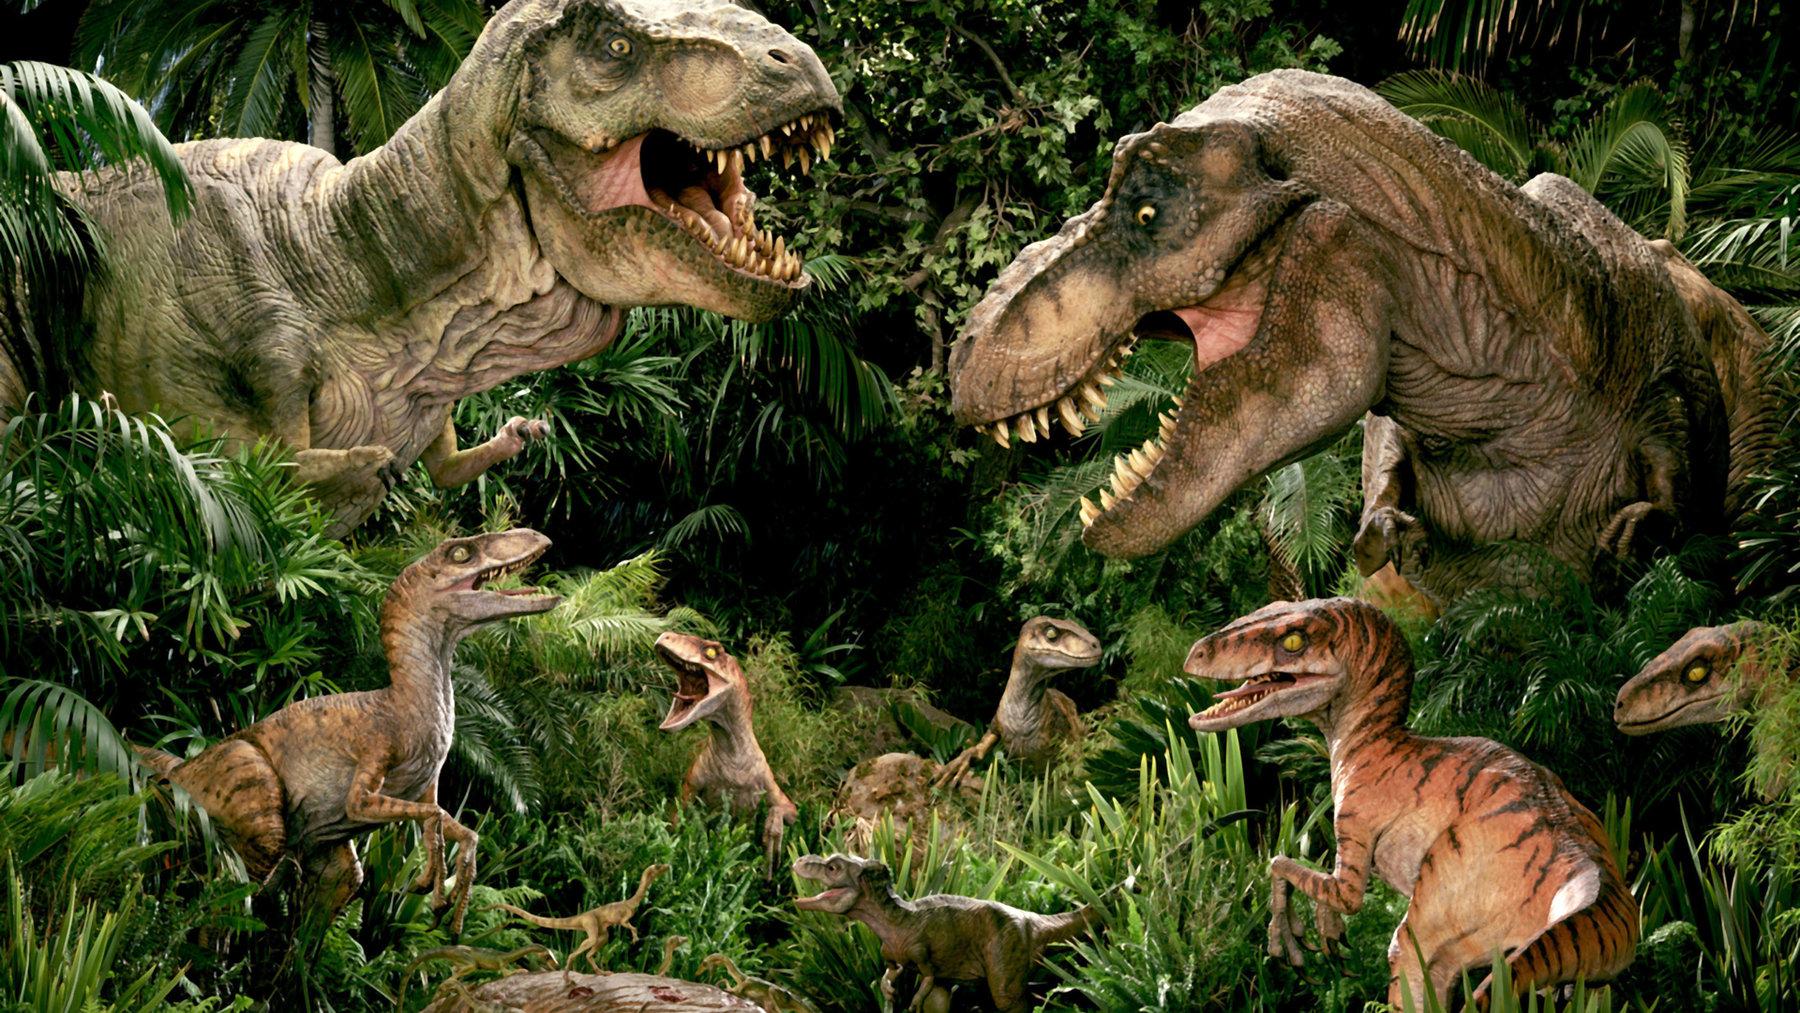 image jptlwrexraptorpromoart jpg jurassic park wiki fandom